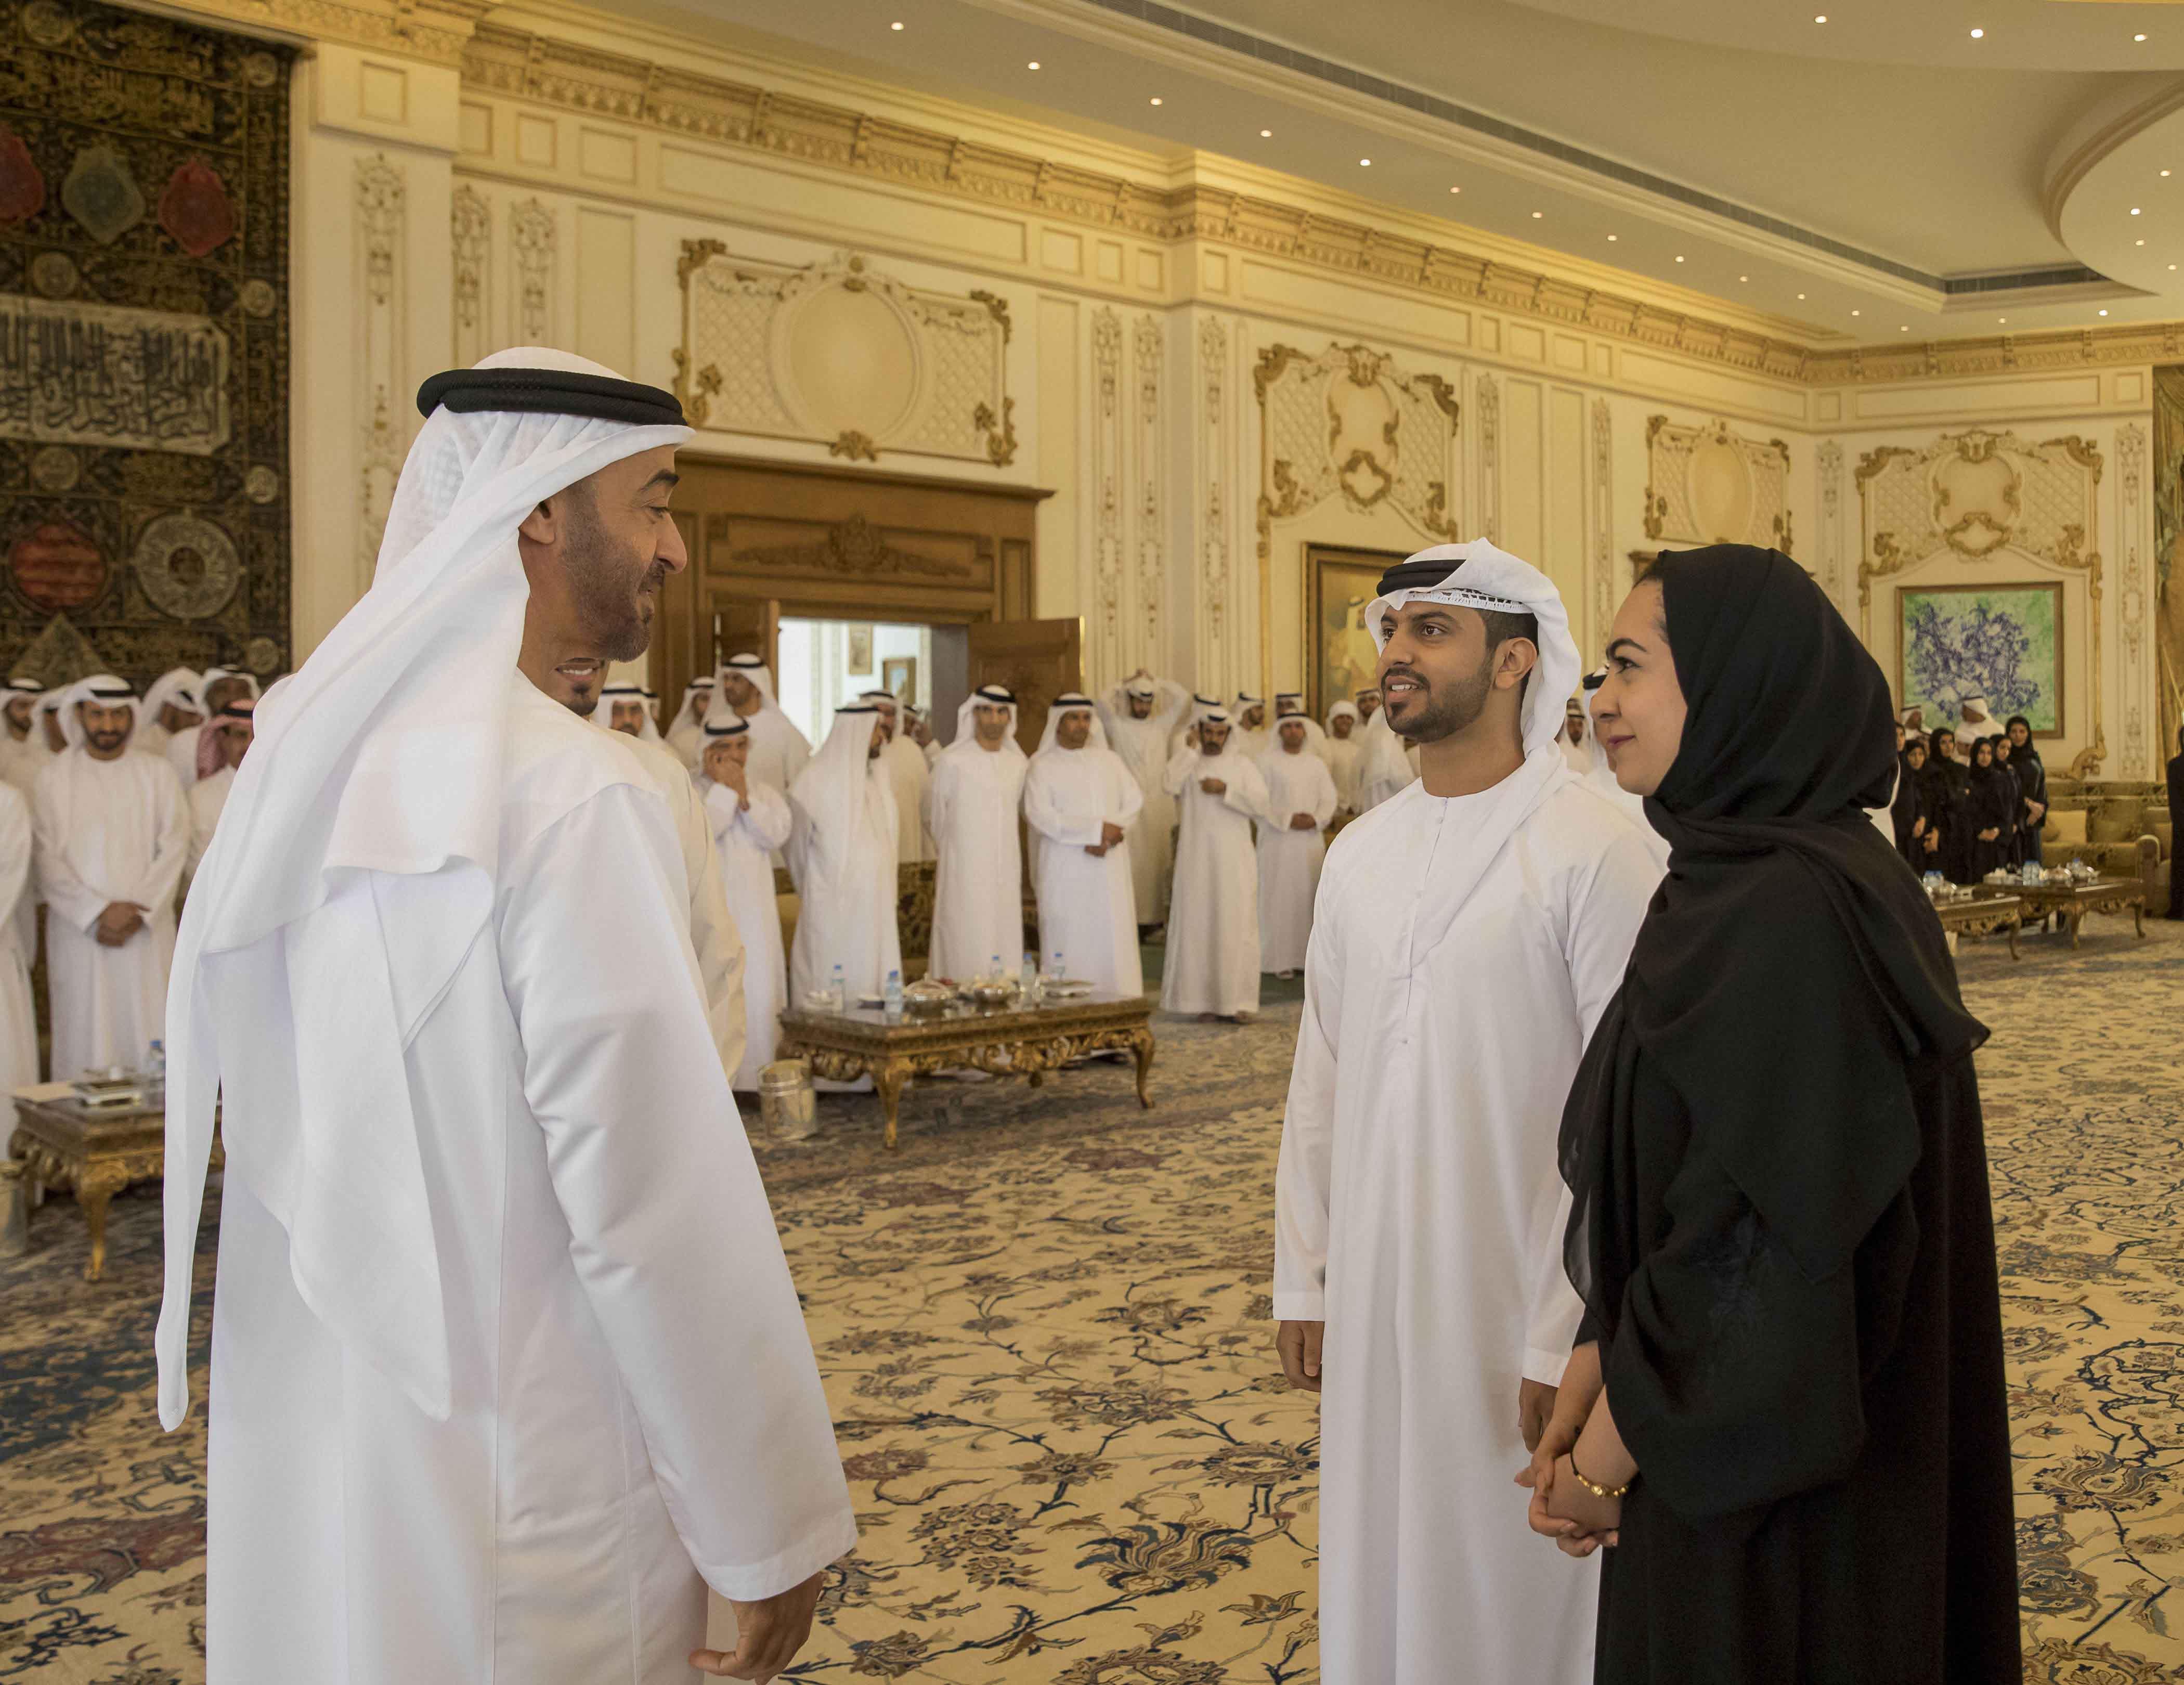 وكالة أنباء الإمارات - محمد بن زايد يستقبل احمد المزروعي ...